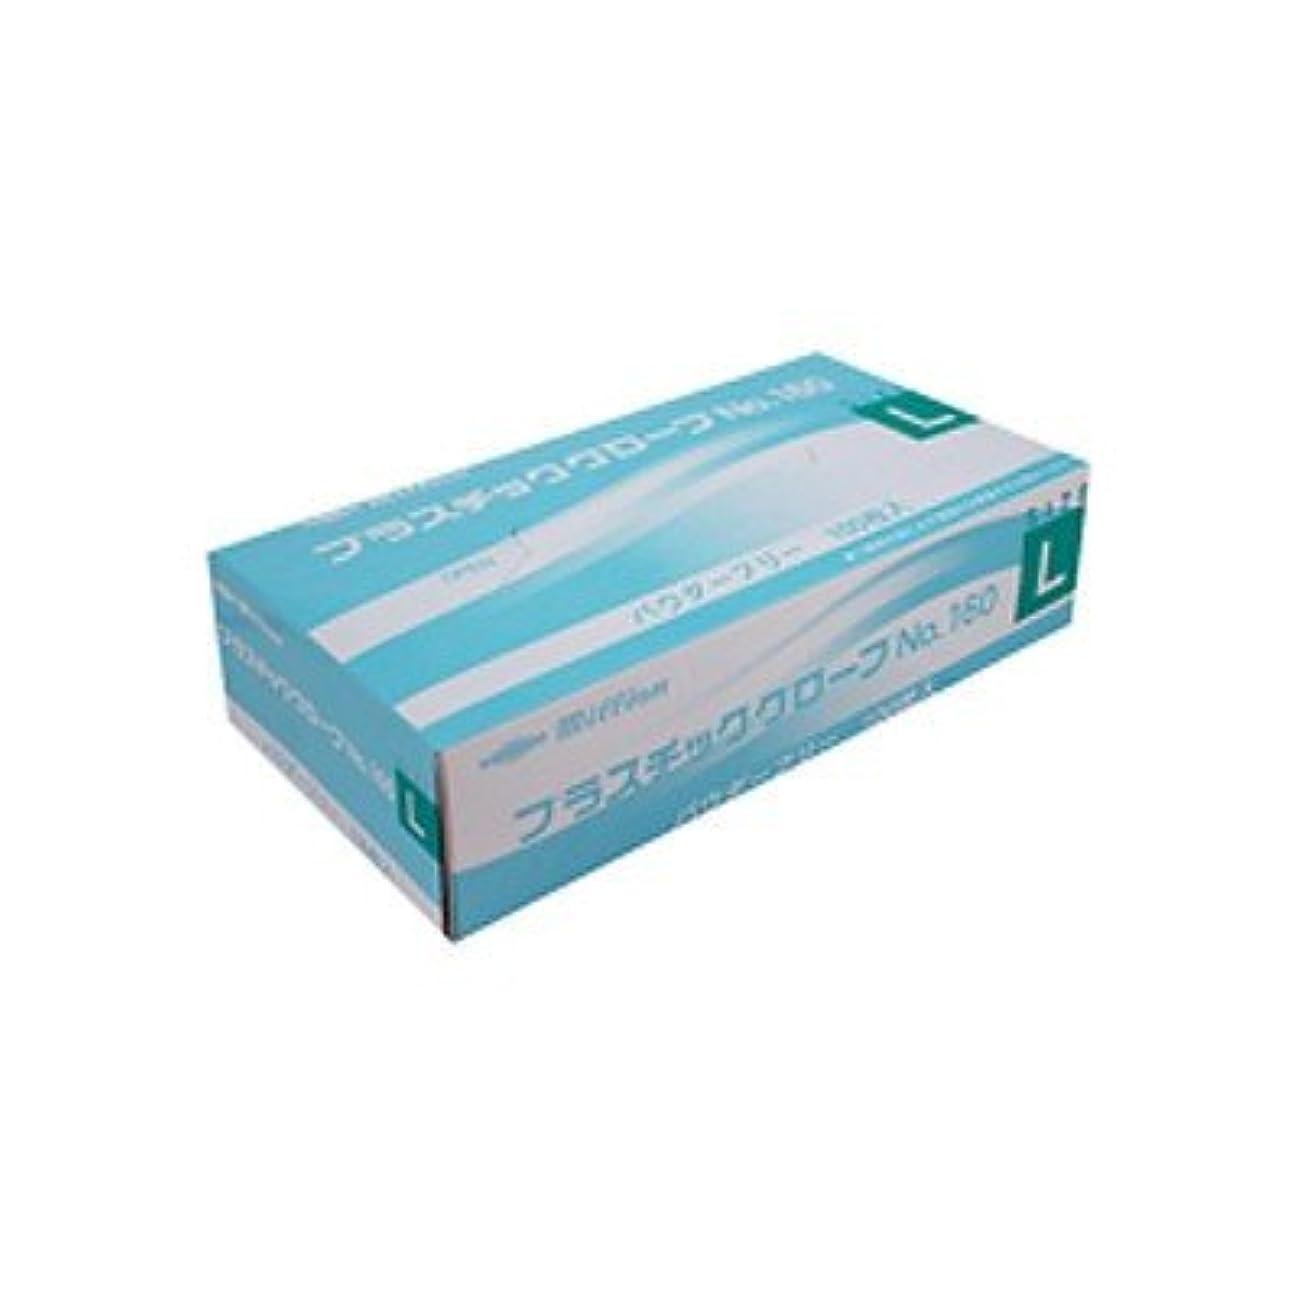 騒々しい養うジョセフバンクスミリオン プラスチック手袋 粉無 No.160 L 品番:LH-160-L 注文番号:62741590 メーカー:共和